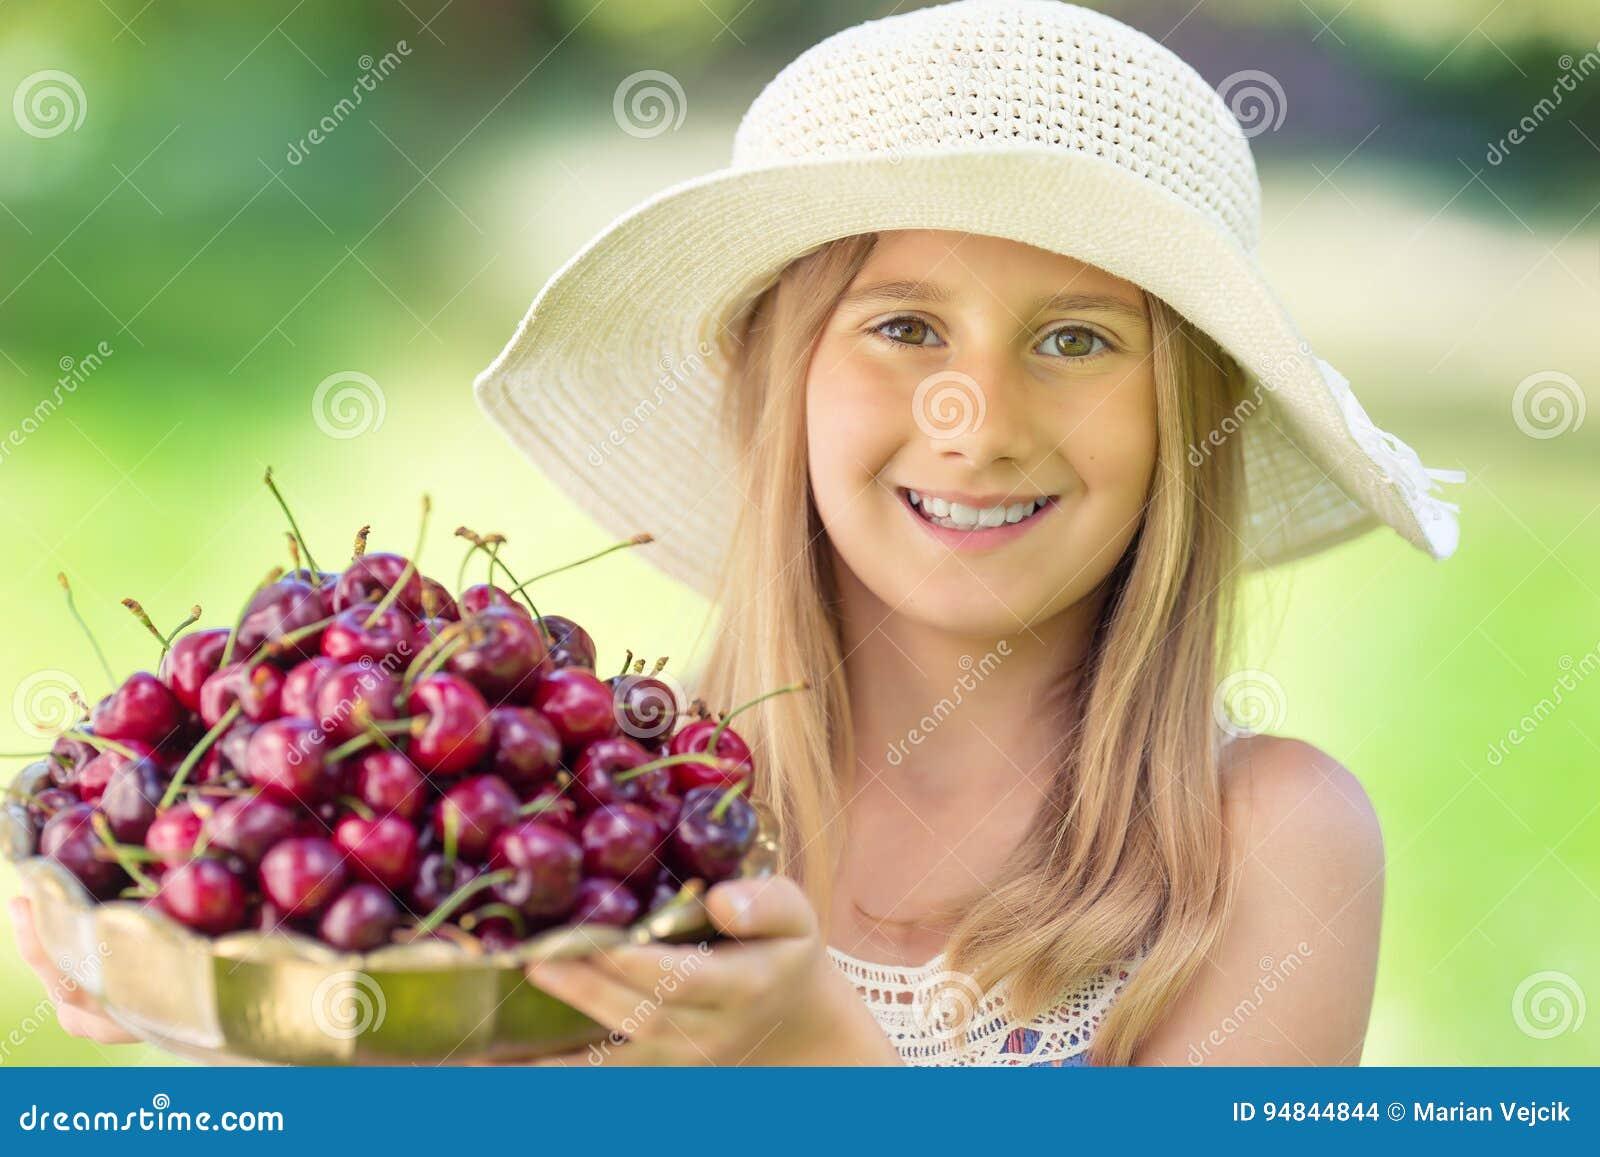 Criança com cerejas Menina com cerejas frescas Retrato de uma moça de sorriso com a bacia completa de cerejas frescas